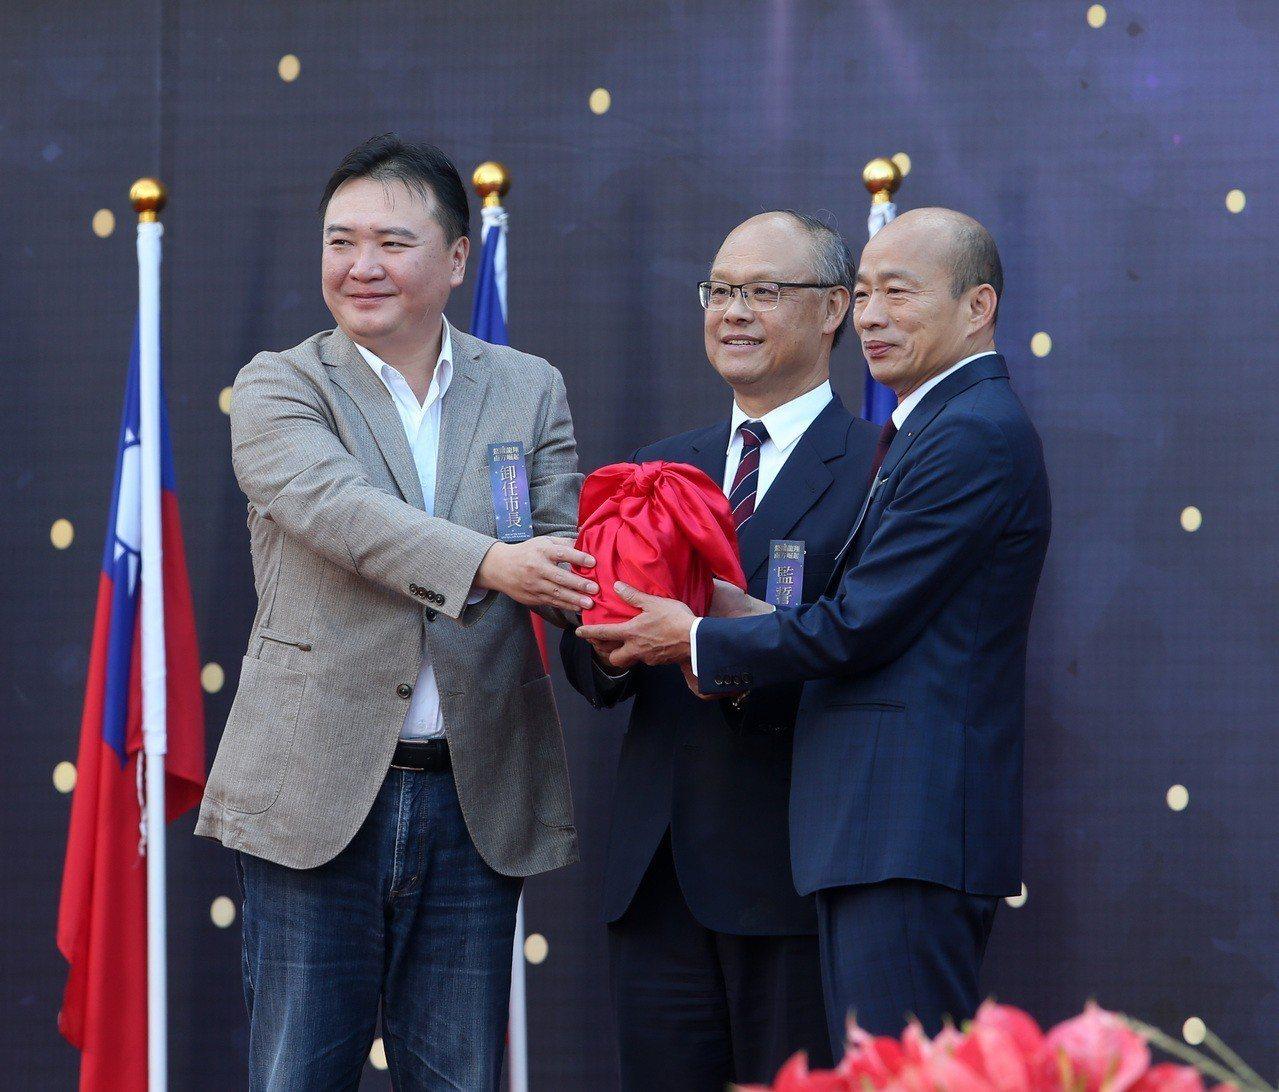 高雄市長就職典禮在愛河舉行,新任市長韓國瑜(右)與代理市長許立明(左)交接印信。...